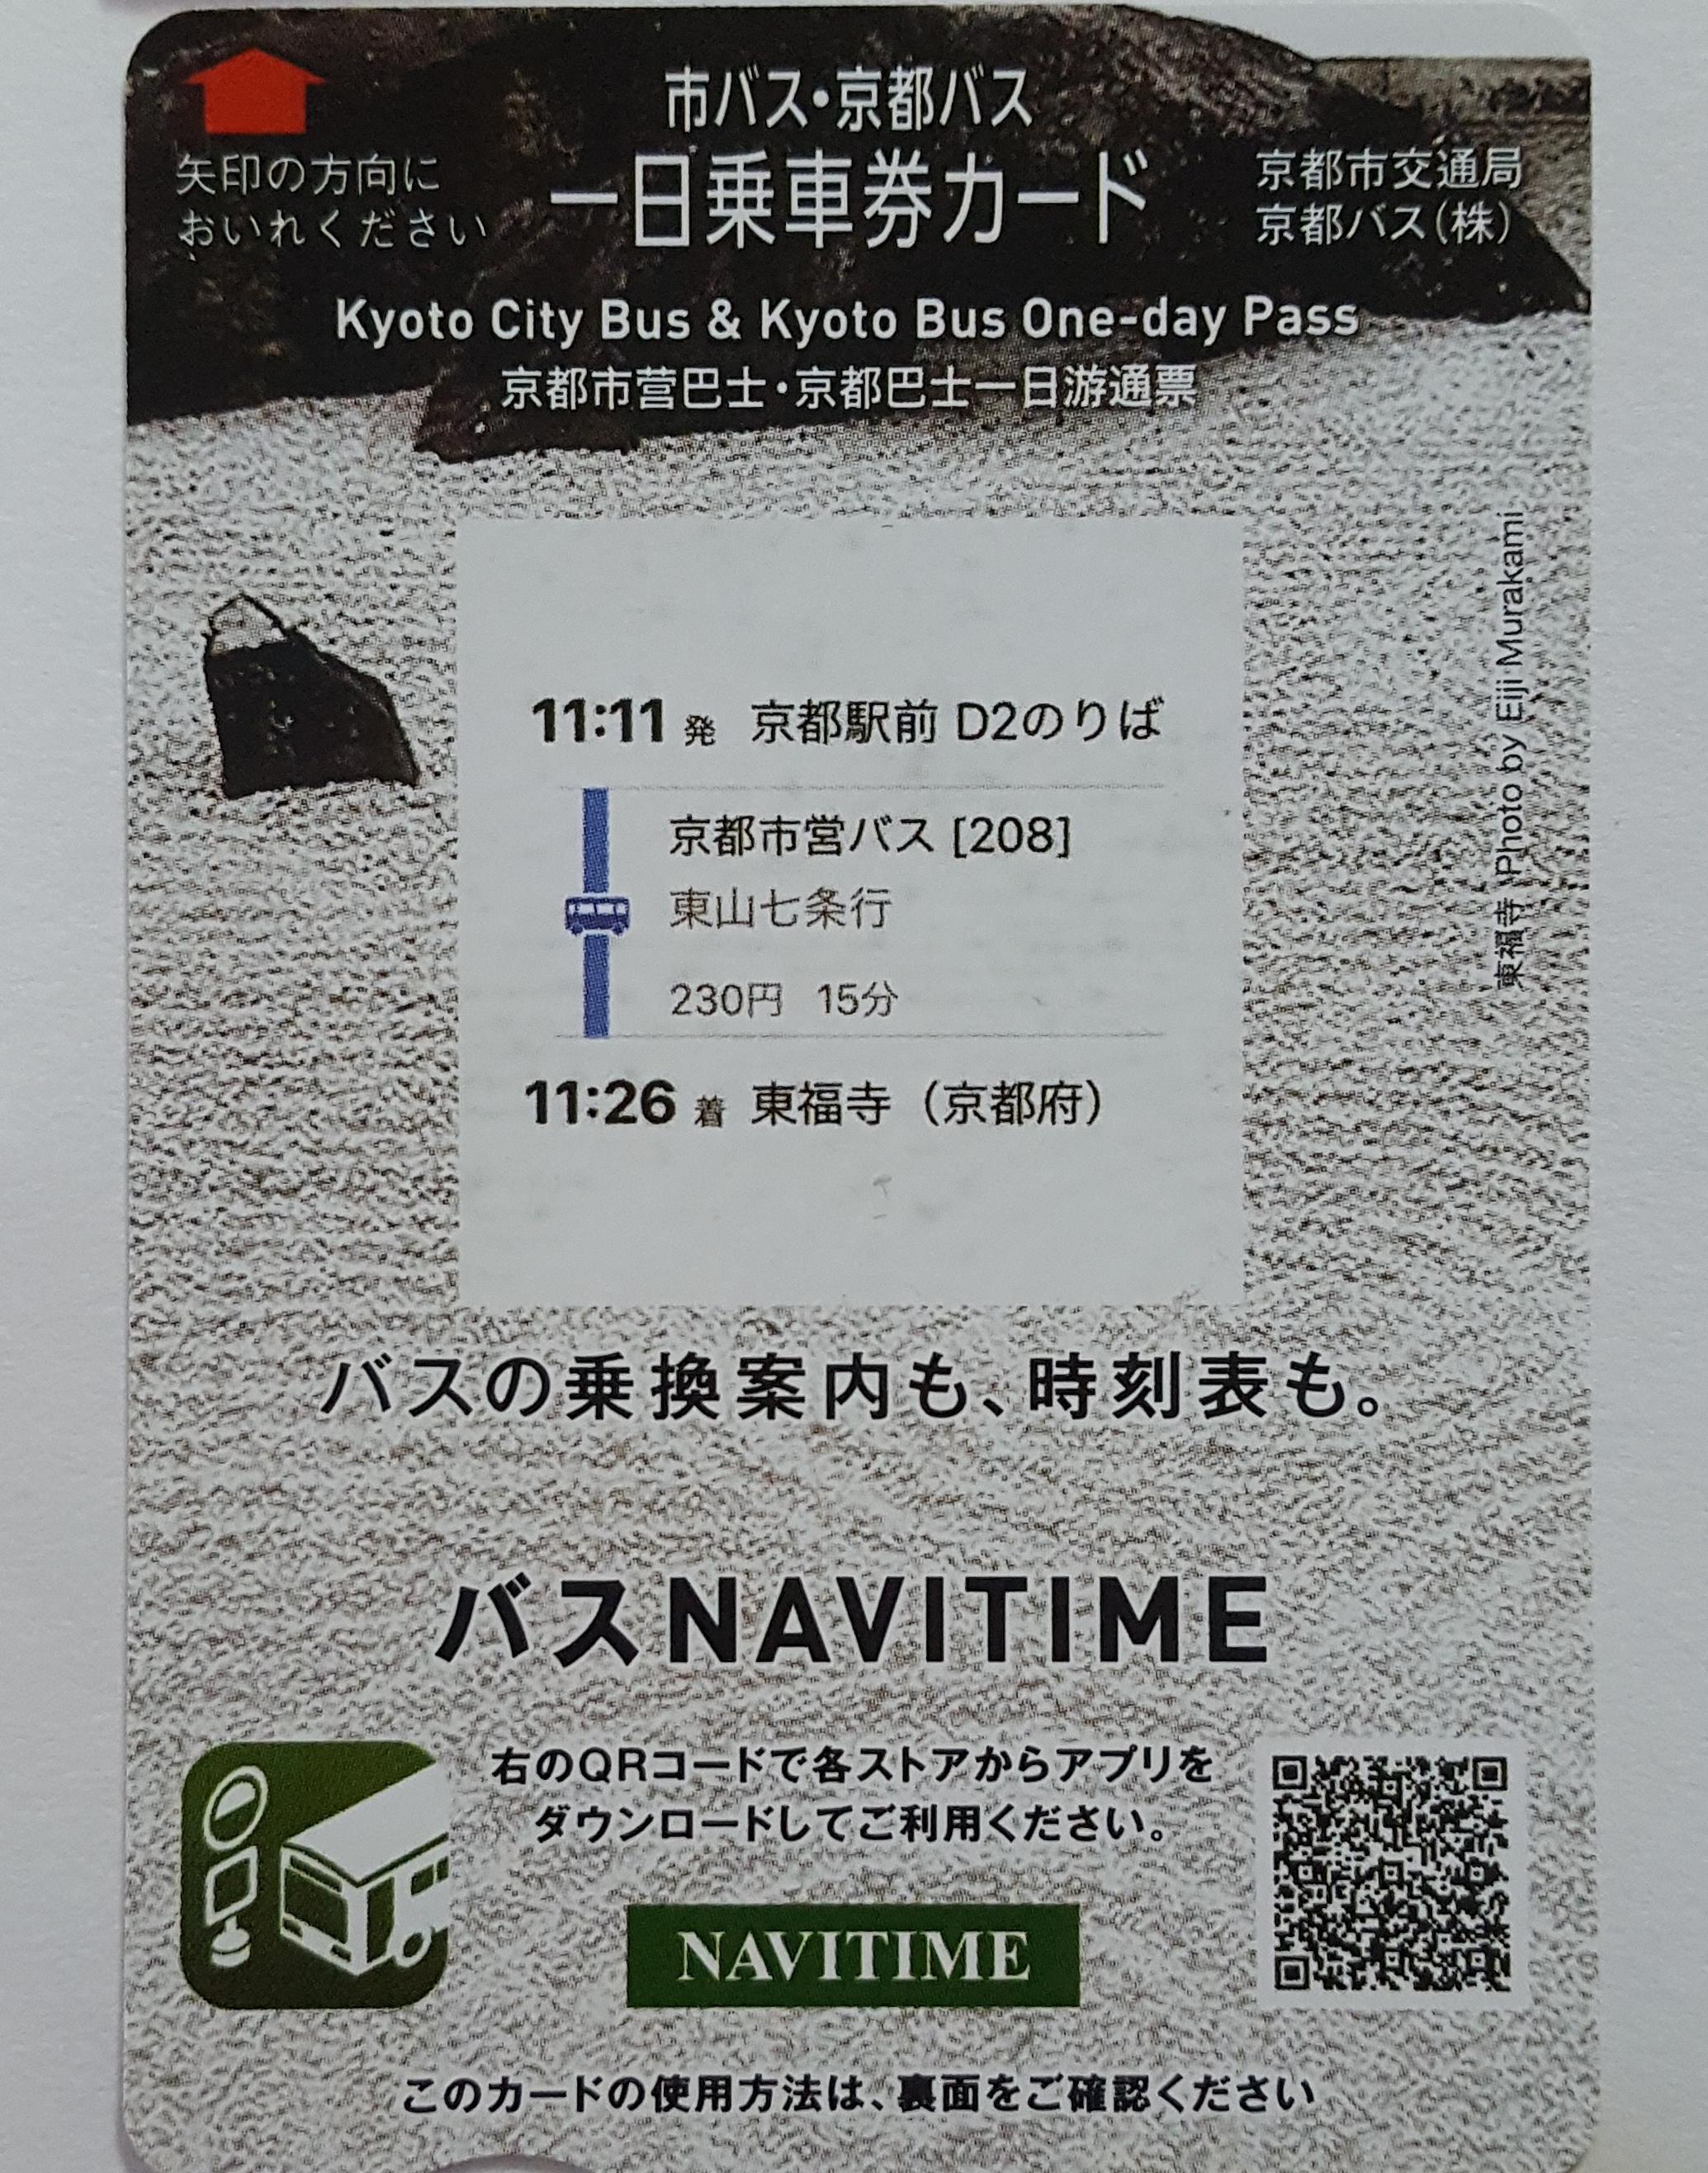 20170302_1852511.jpg